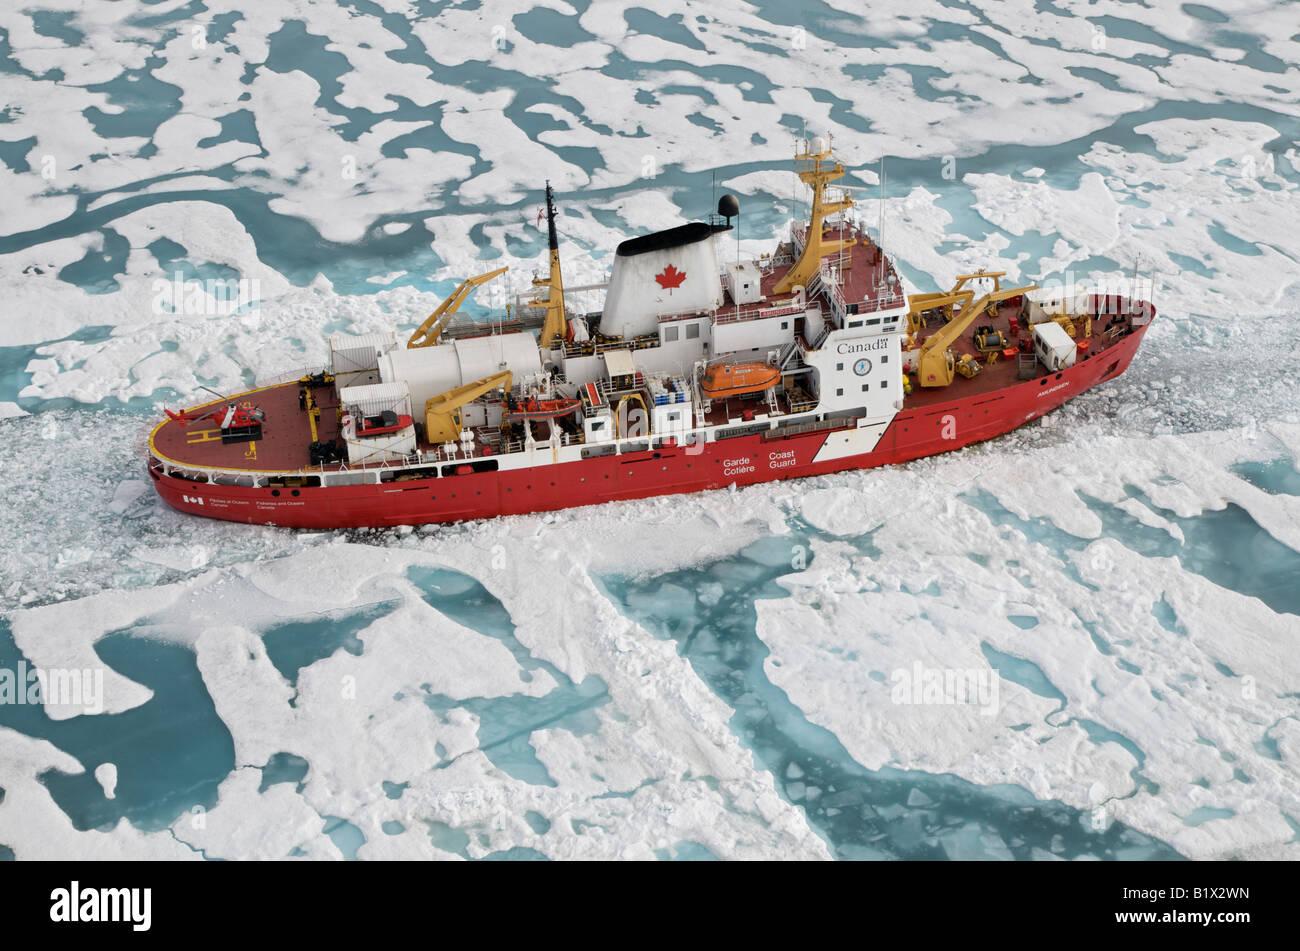 Amundsen Gulf